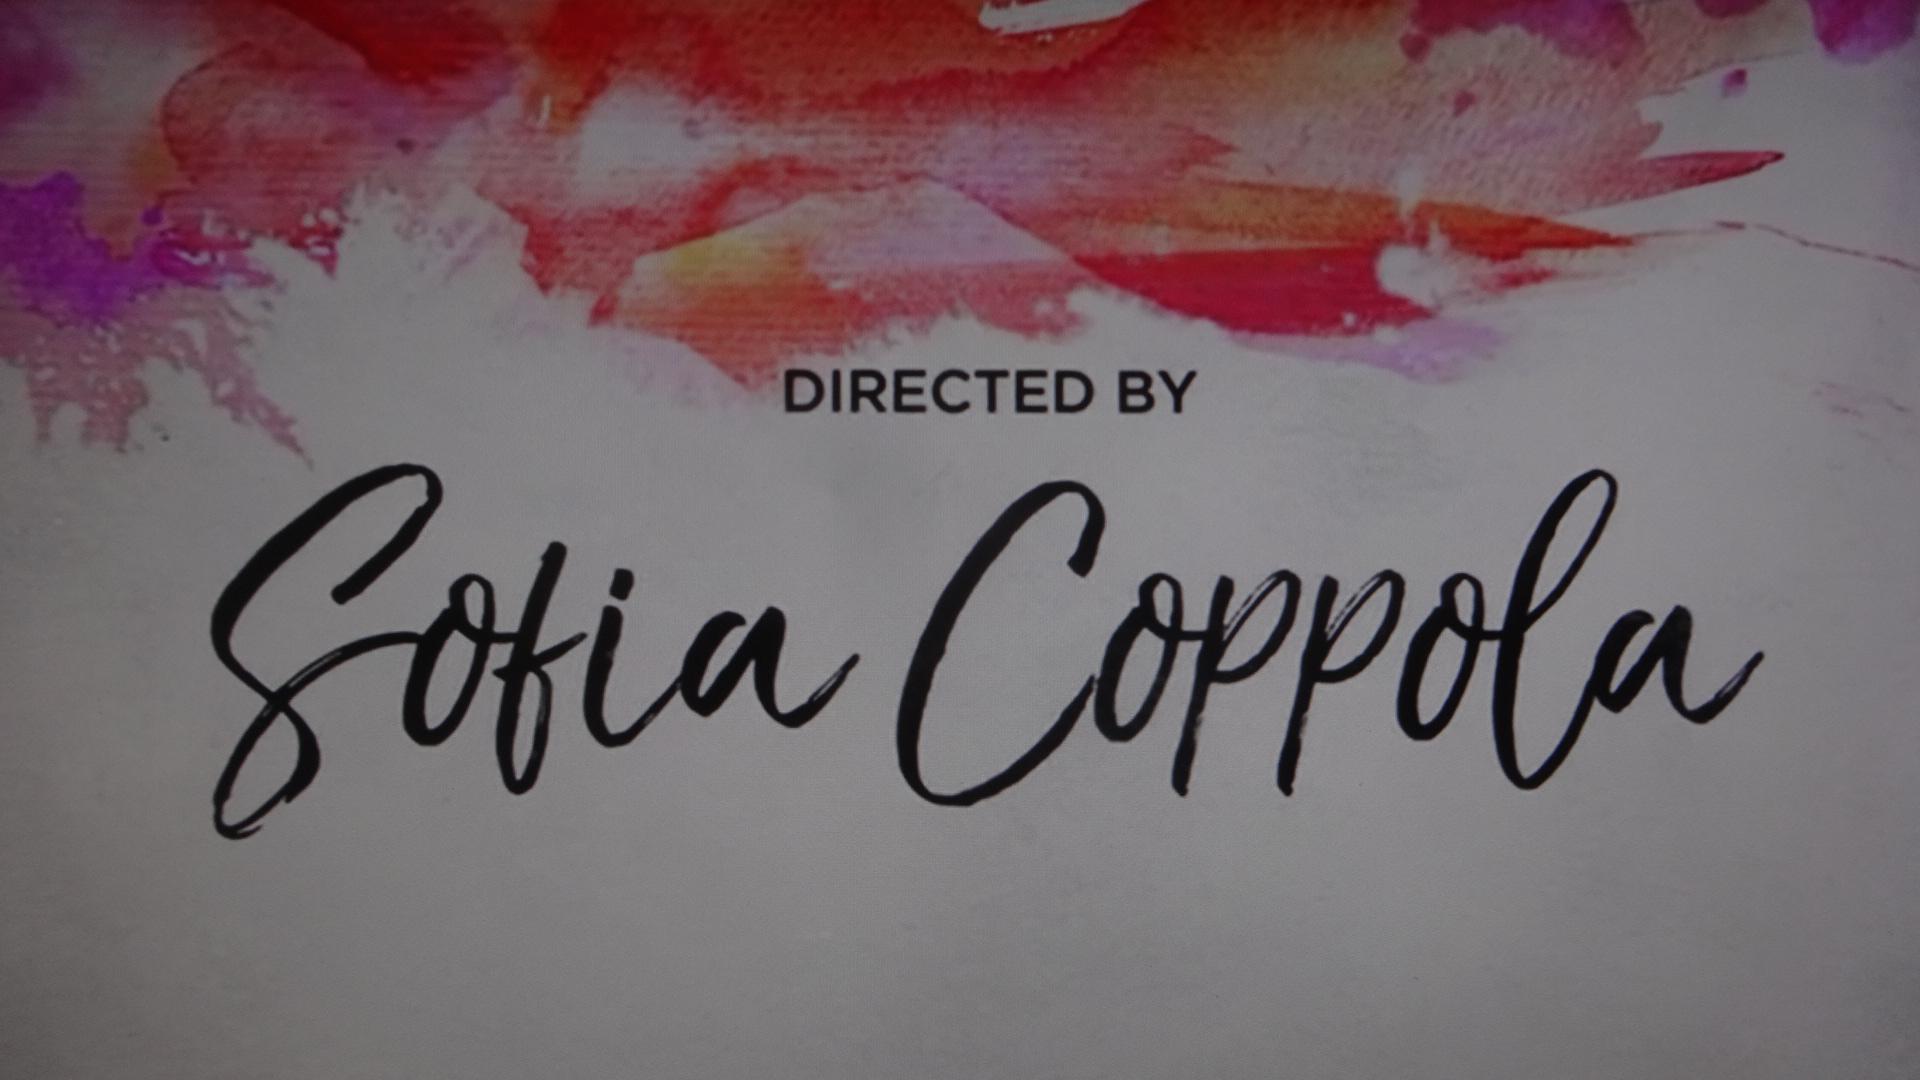 ソフィア・コッポラと書かれたカード